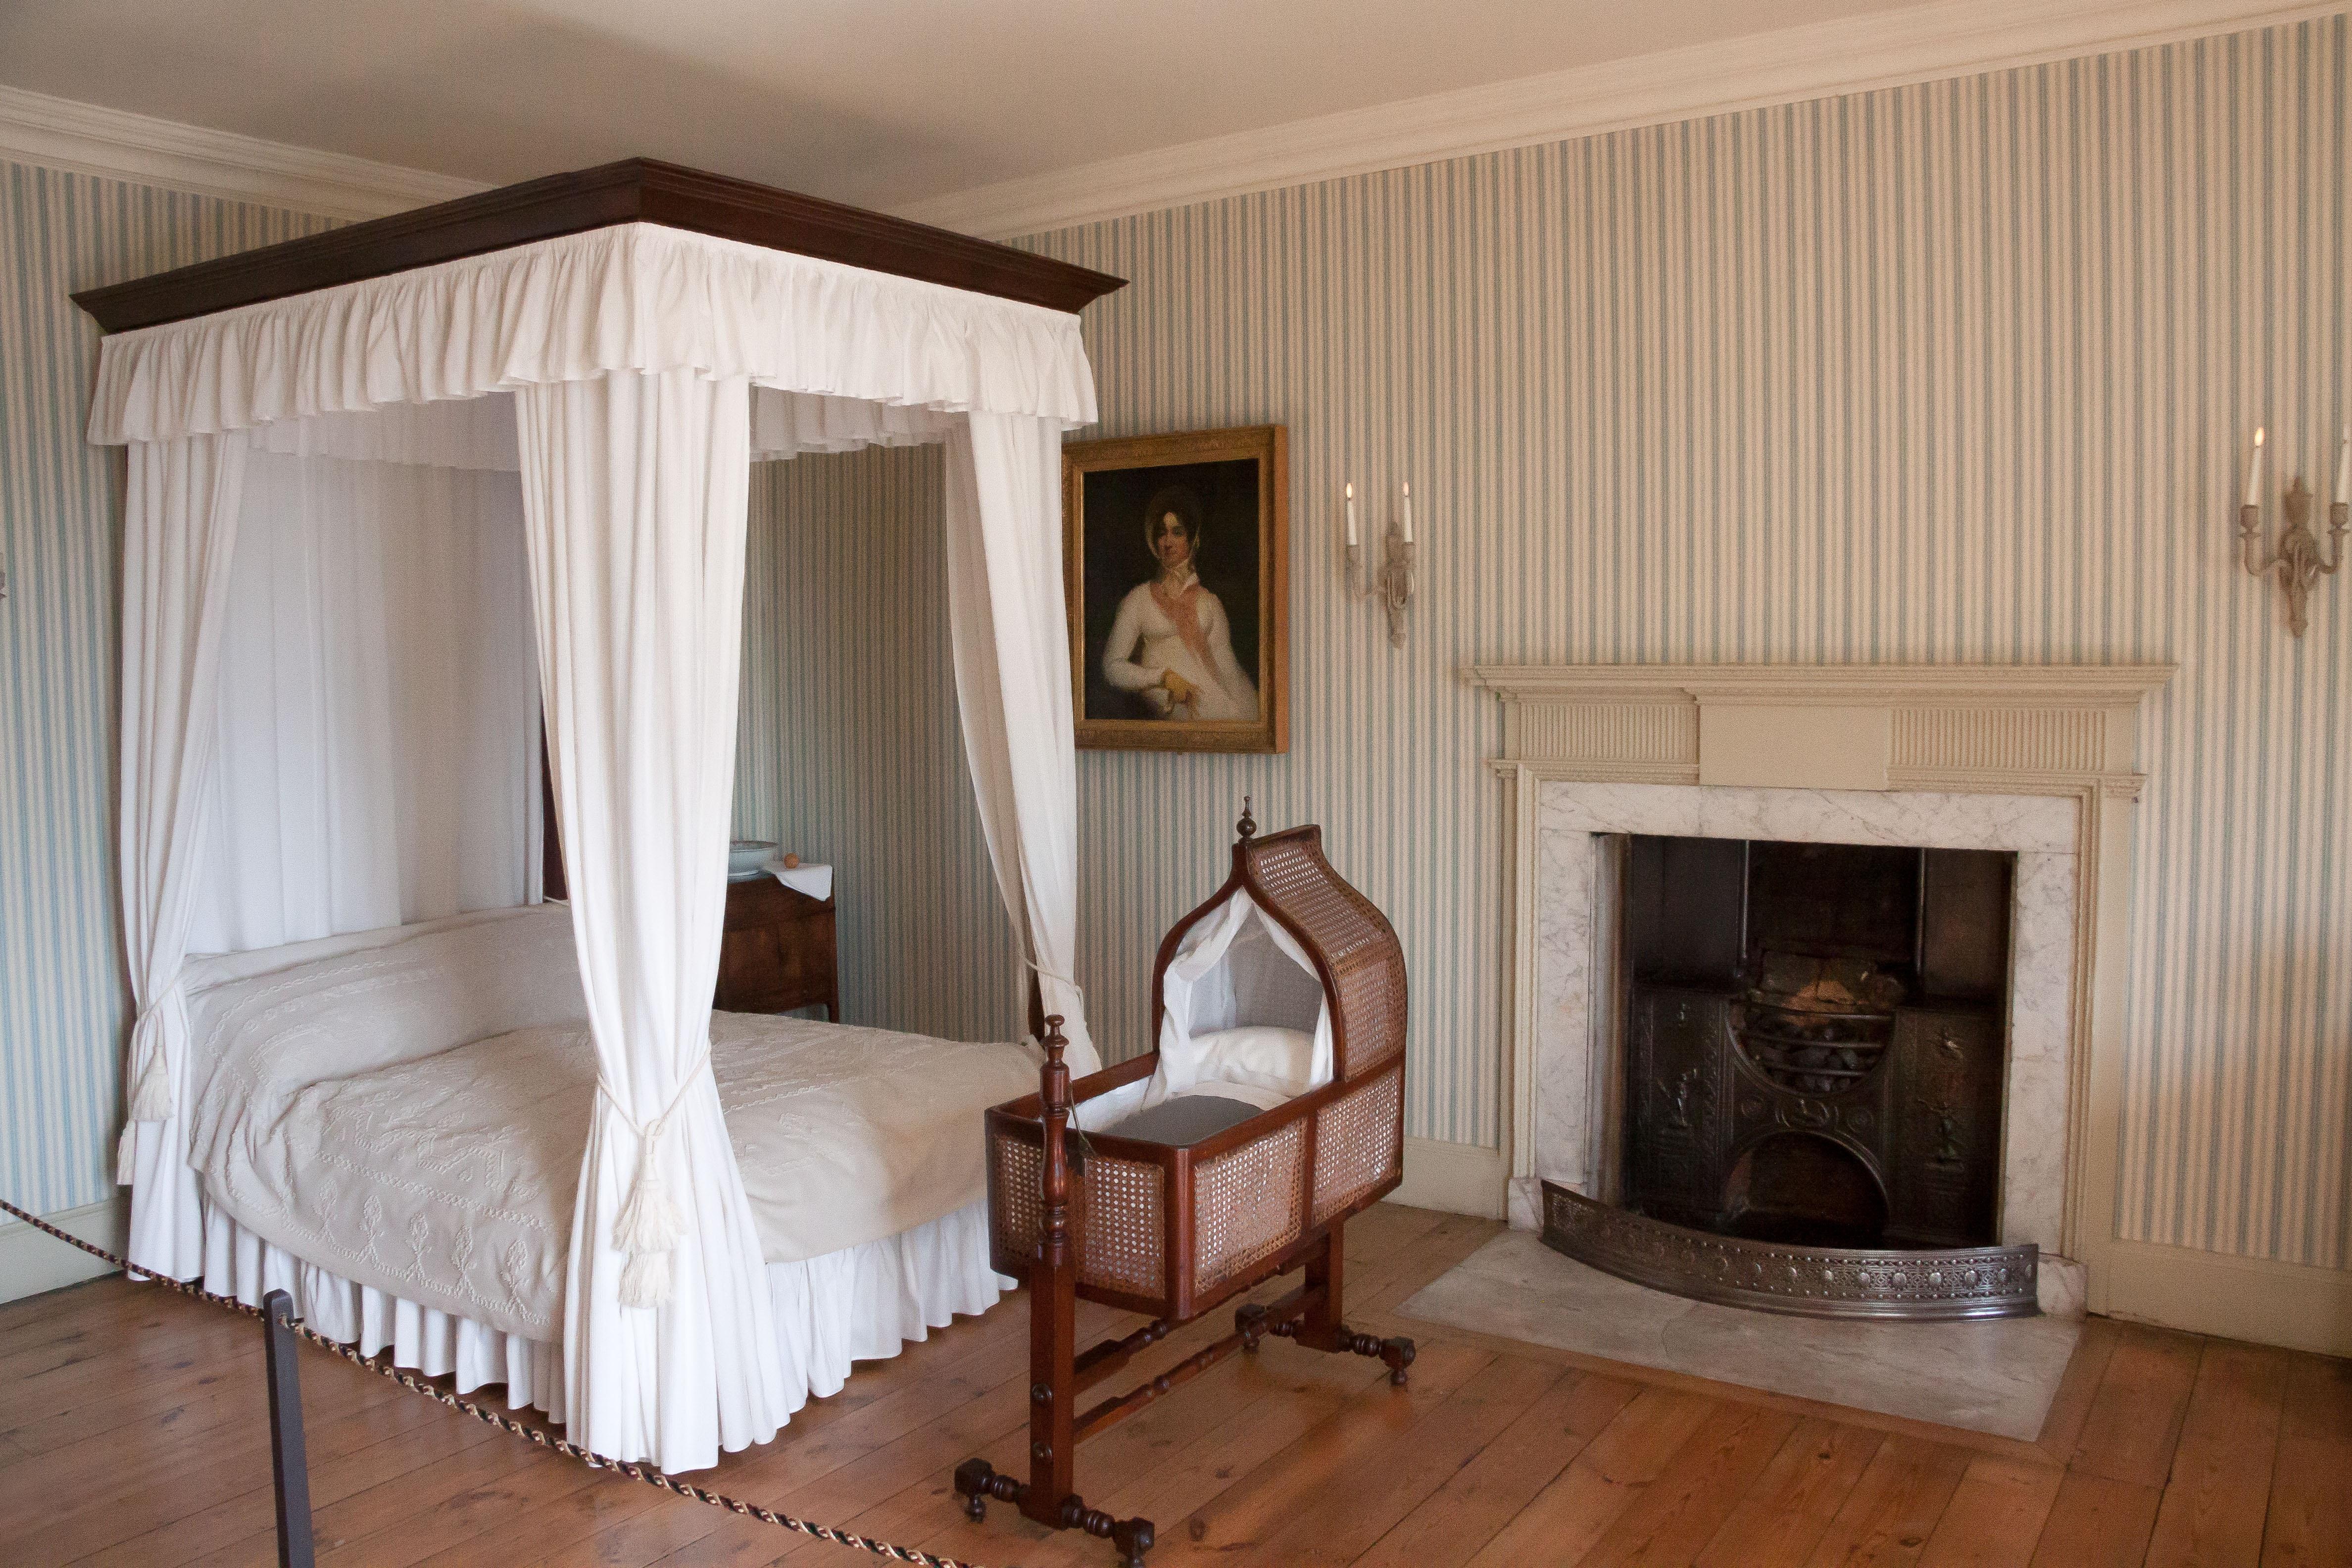 Fotos Gratis Madera Antiguo Casa Piso Caba A Propiedad  # Muebles Habitacion Ninos